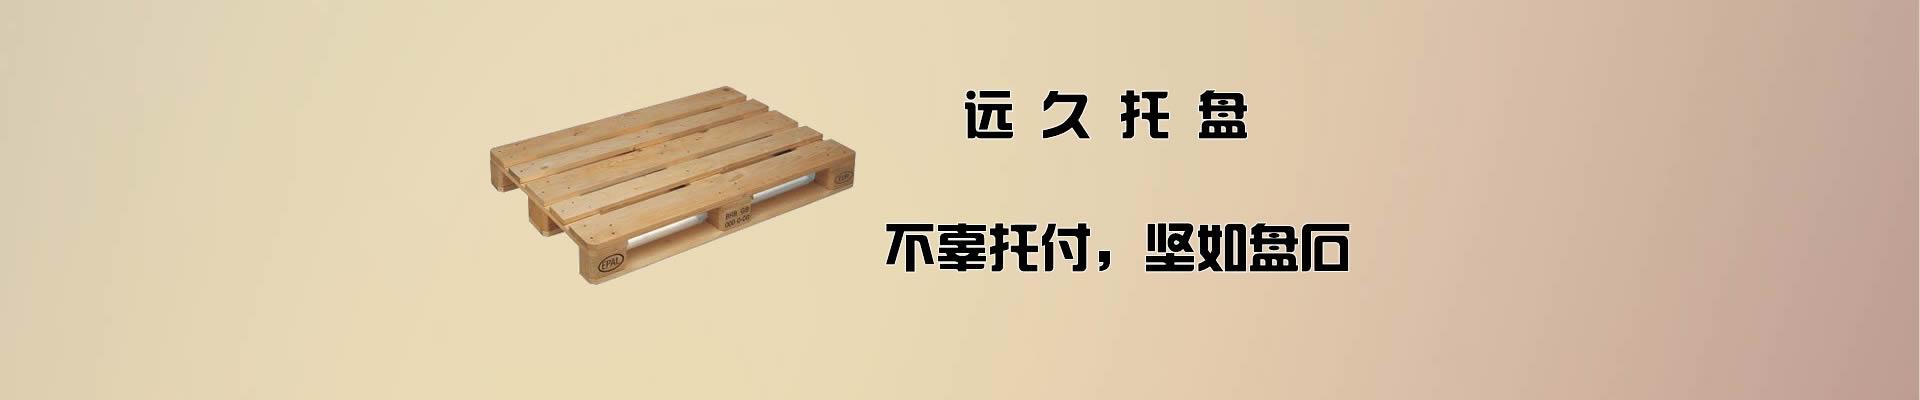 胜博发娱乐手机客户端_木托盘广告